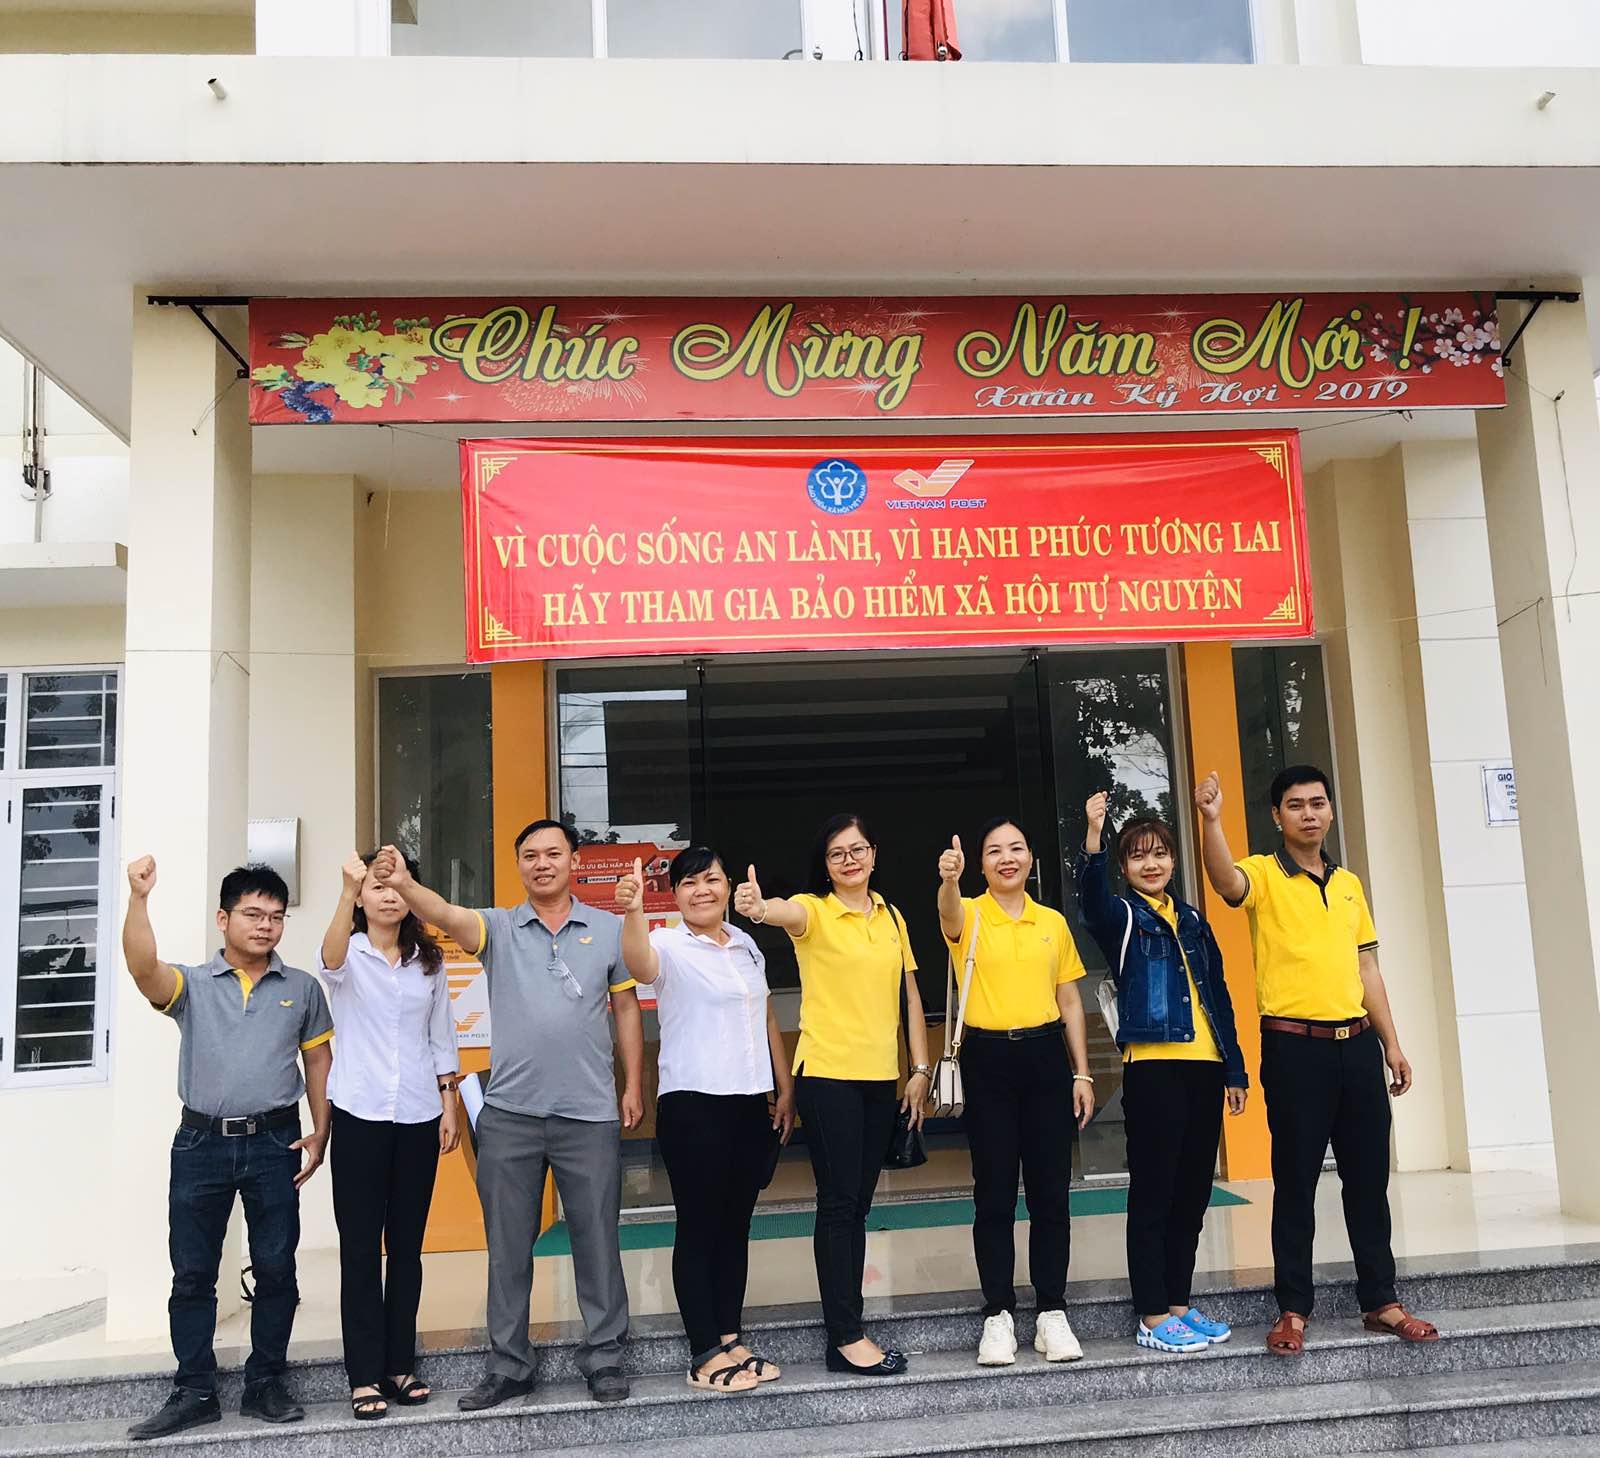 Bưu điện TX Hương Trà sẵn sàng ra quân tuyên truyền và phát triển người tham gia BHXH tự nguyện